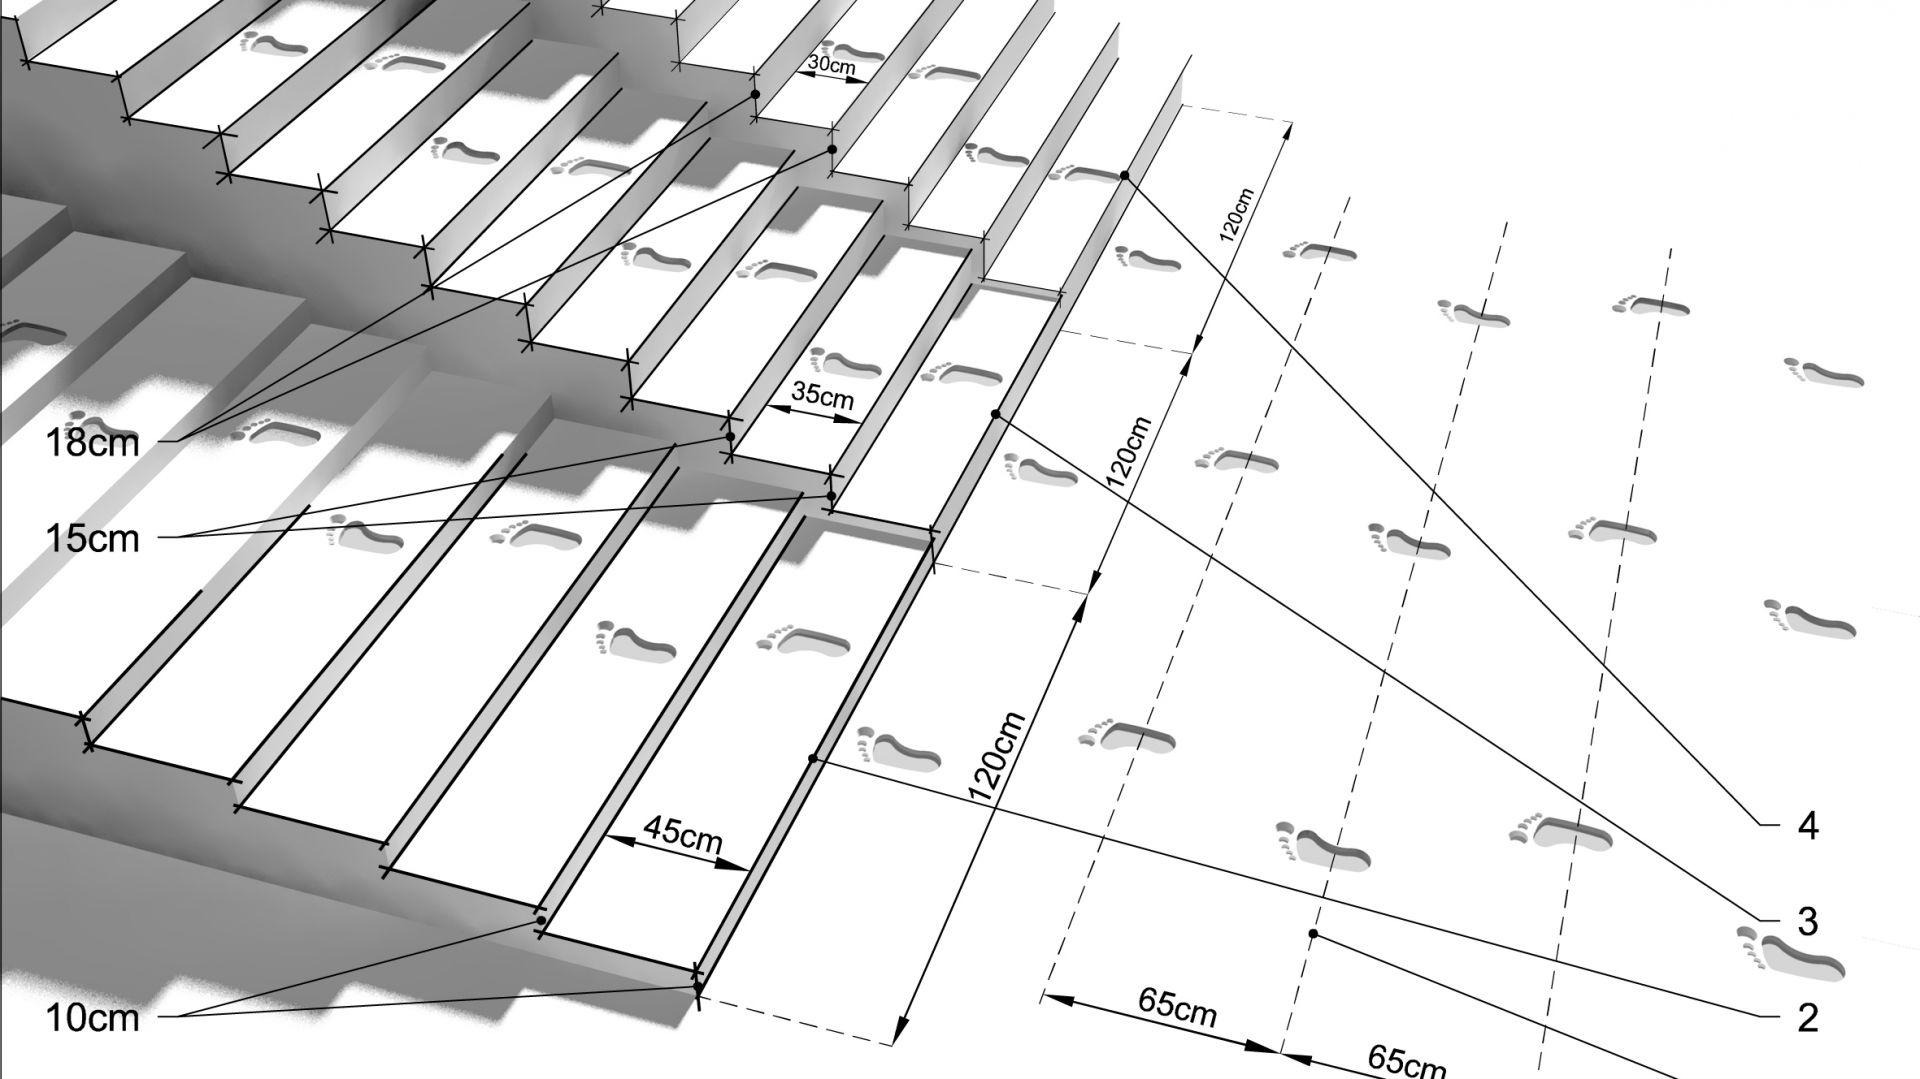 Mała architektura ogrodowa - projektujemy schody. Fot. Buszrem